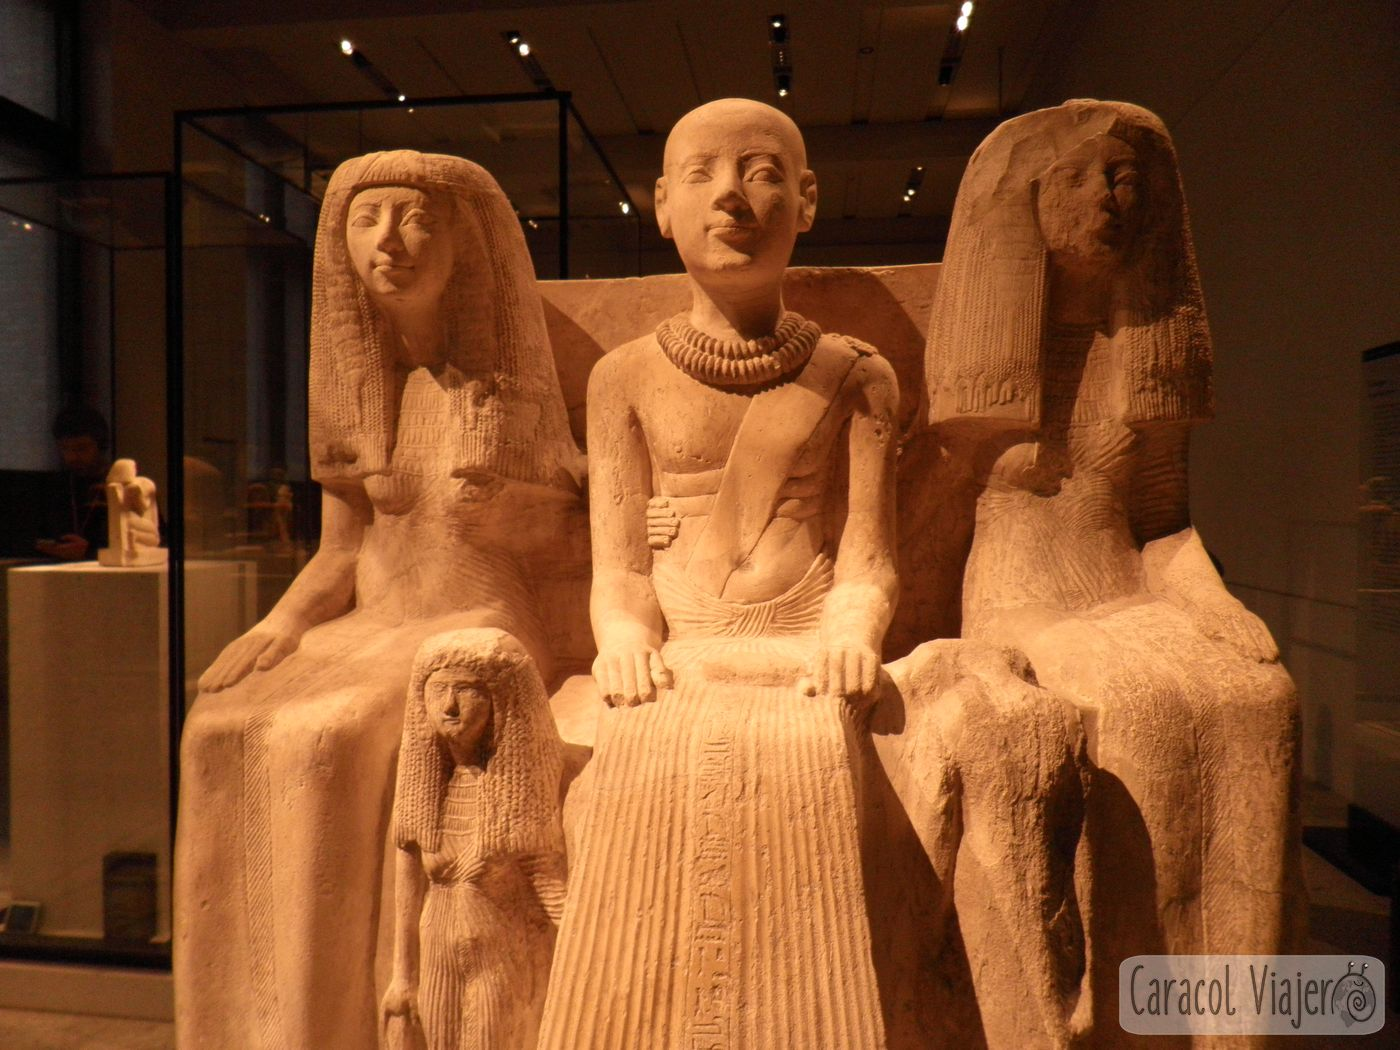 Museo Nuevo interior figuras egipcias